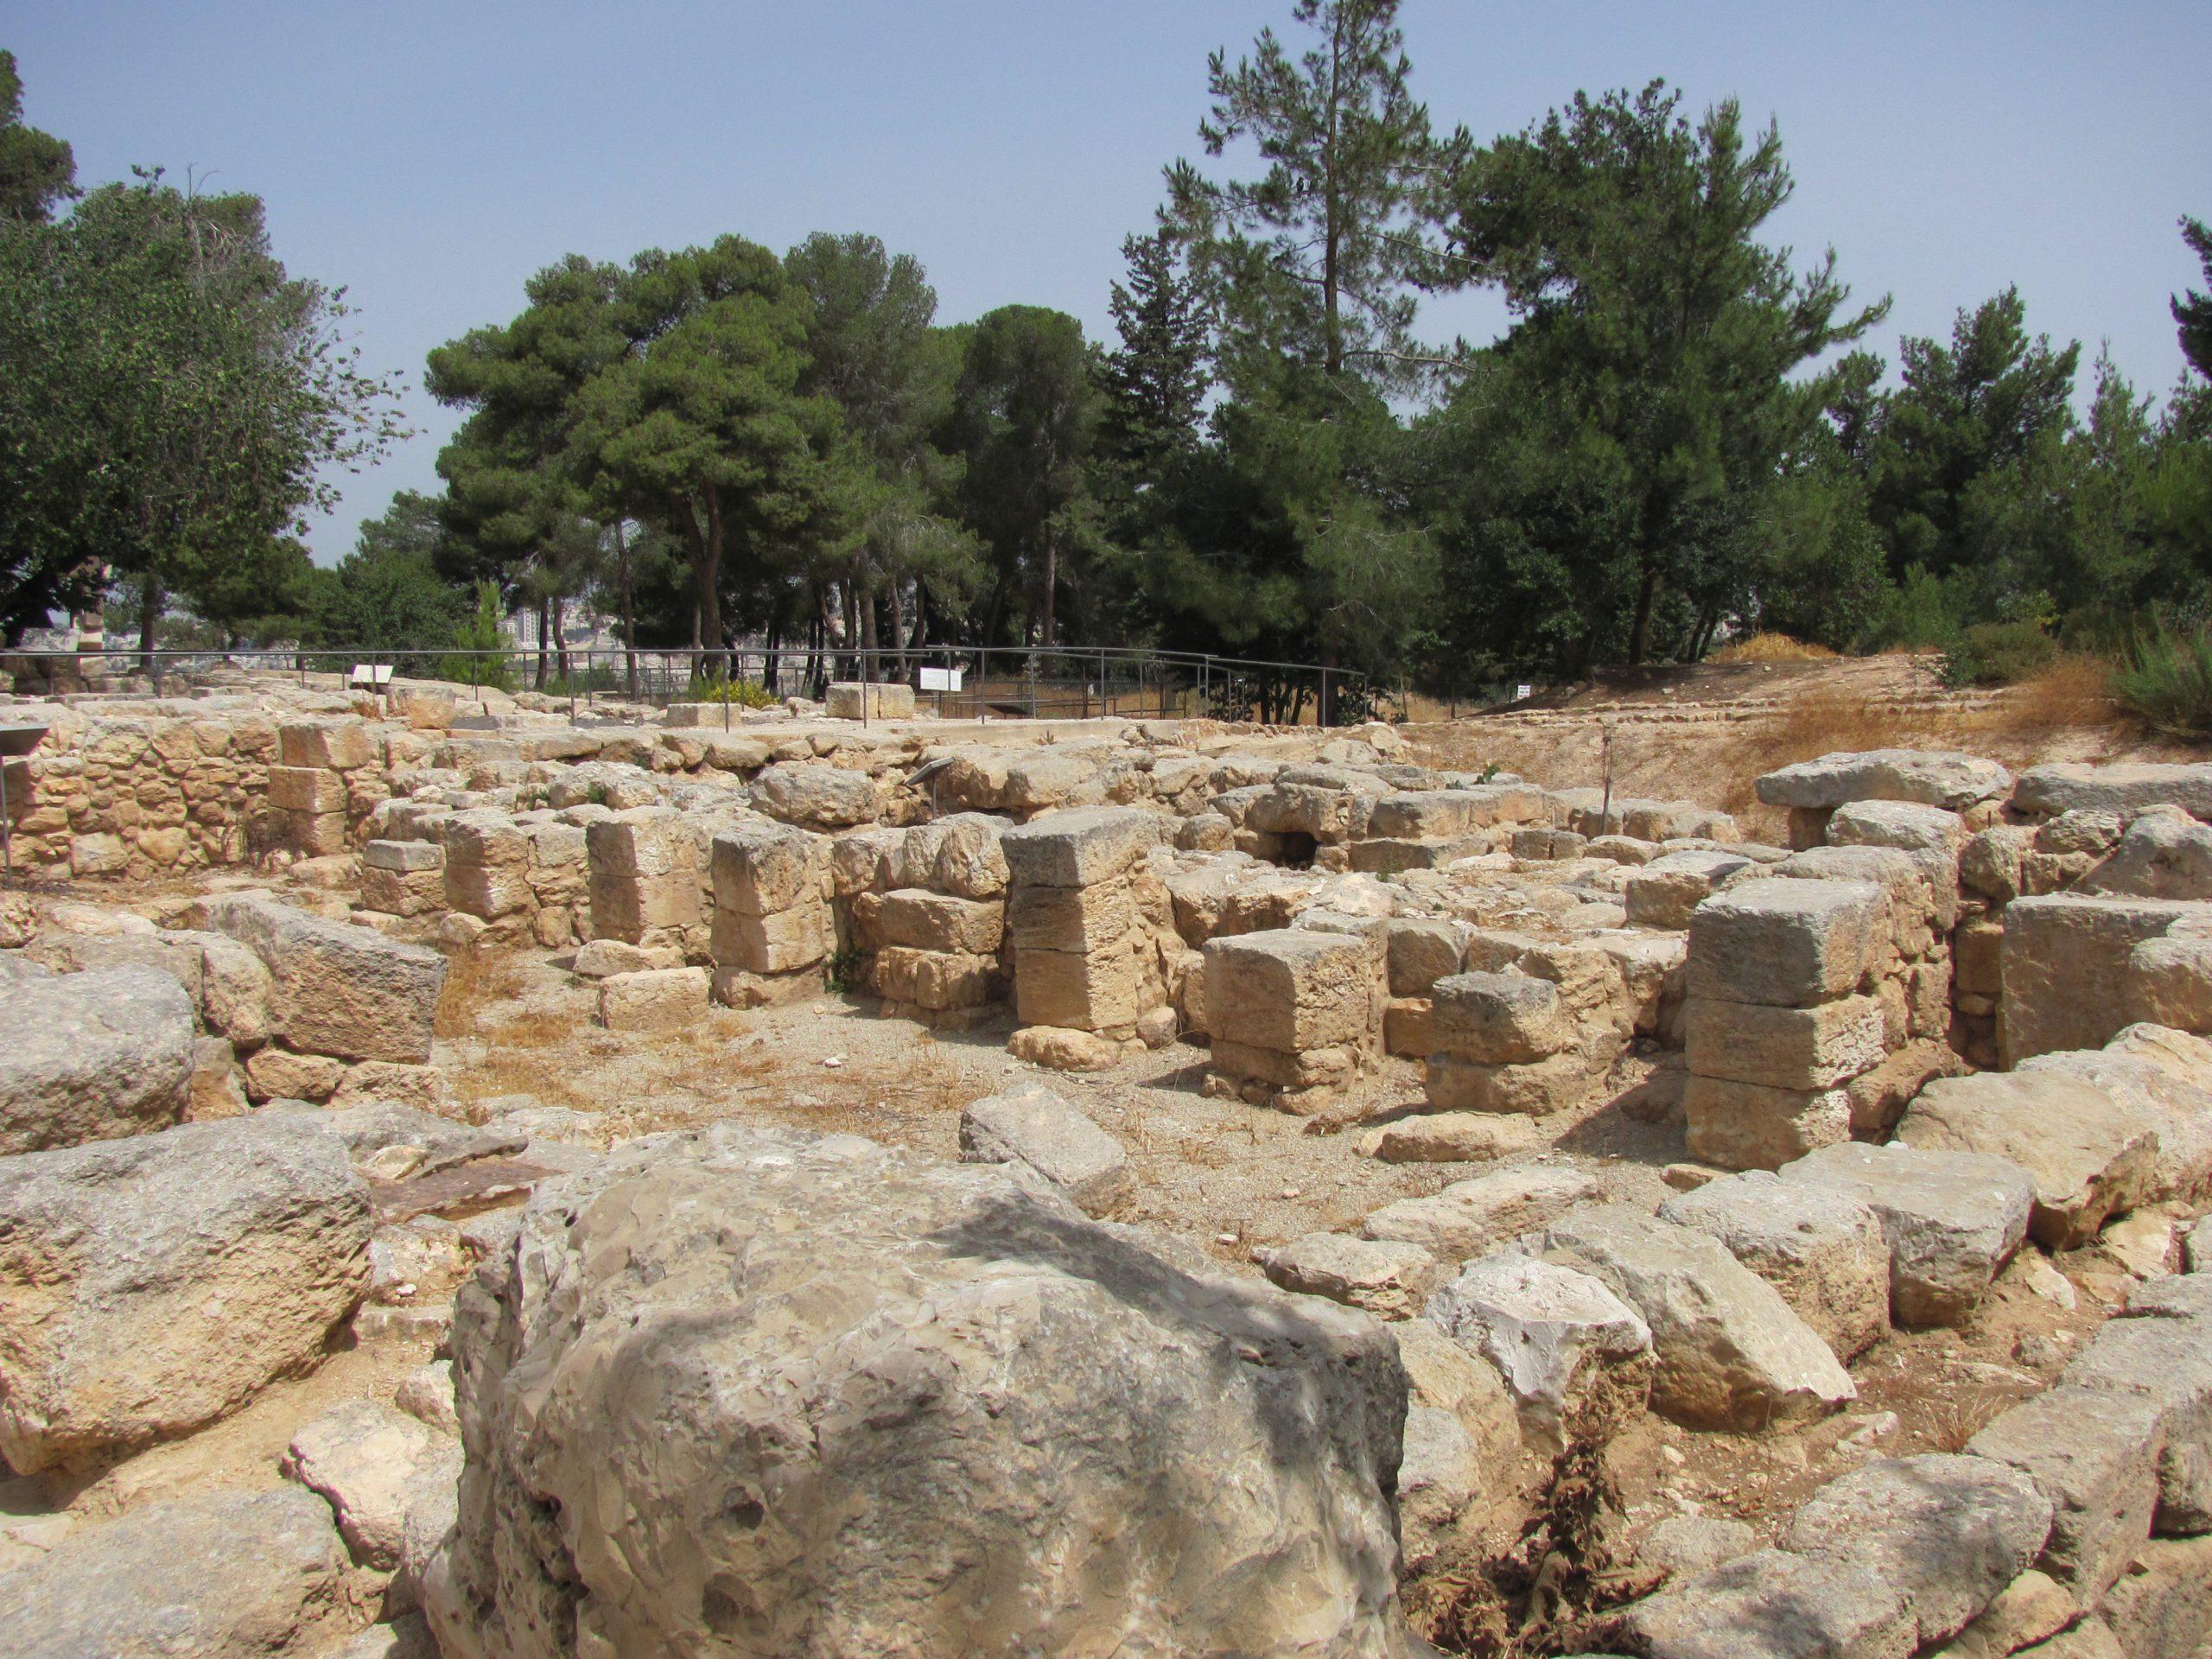 רמת רחל - האולם הביזנטי בפארק הארכאולוגי